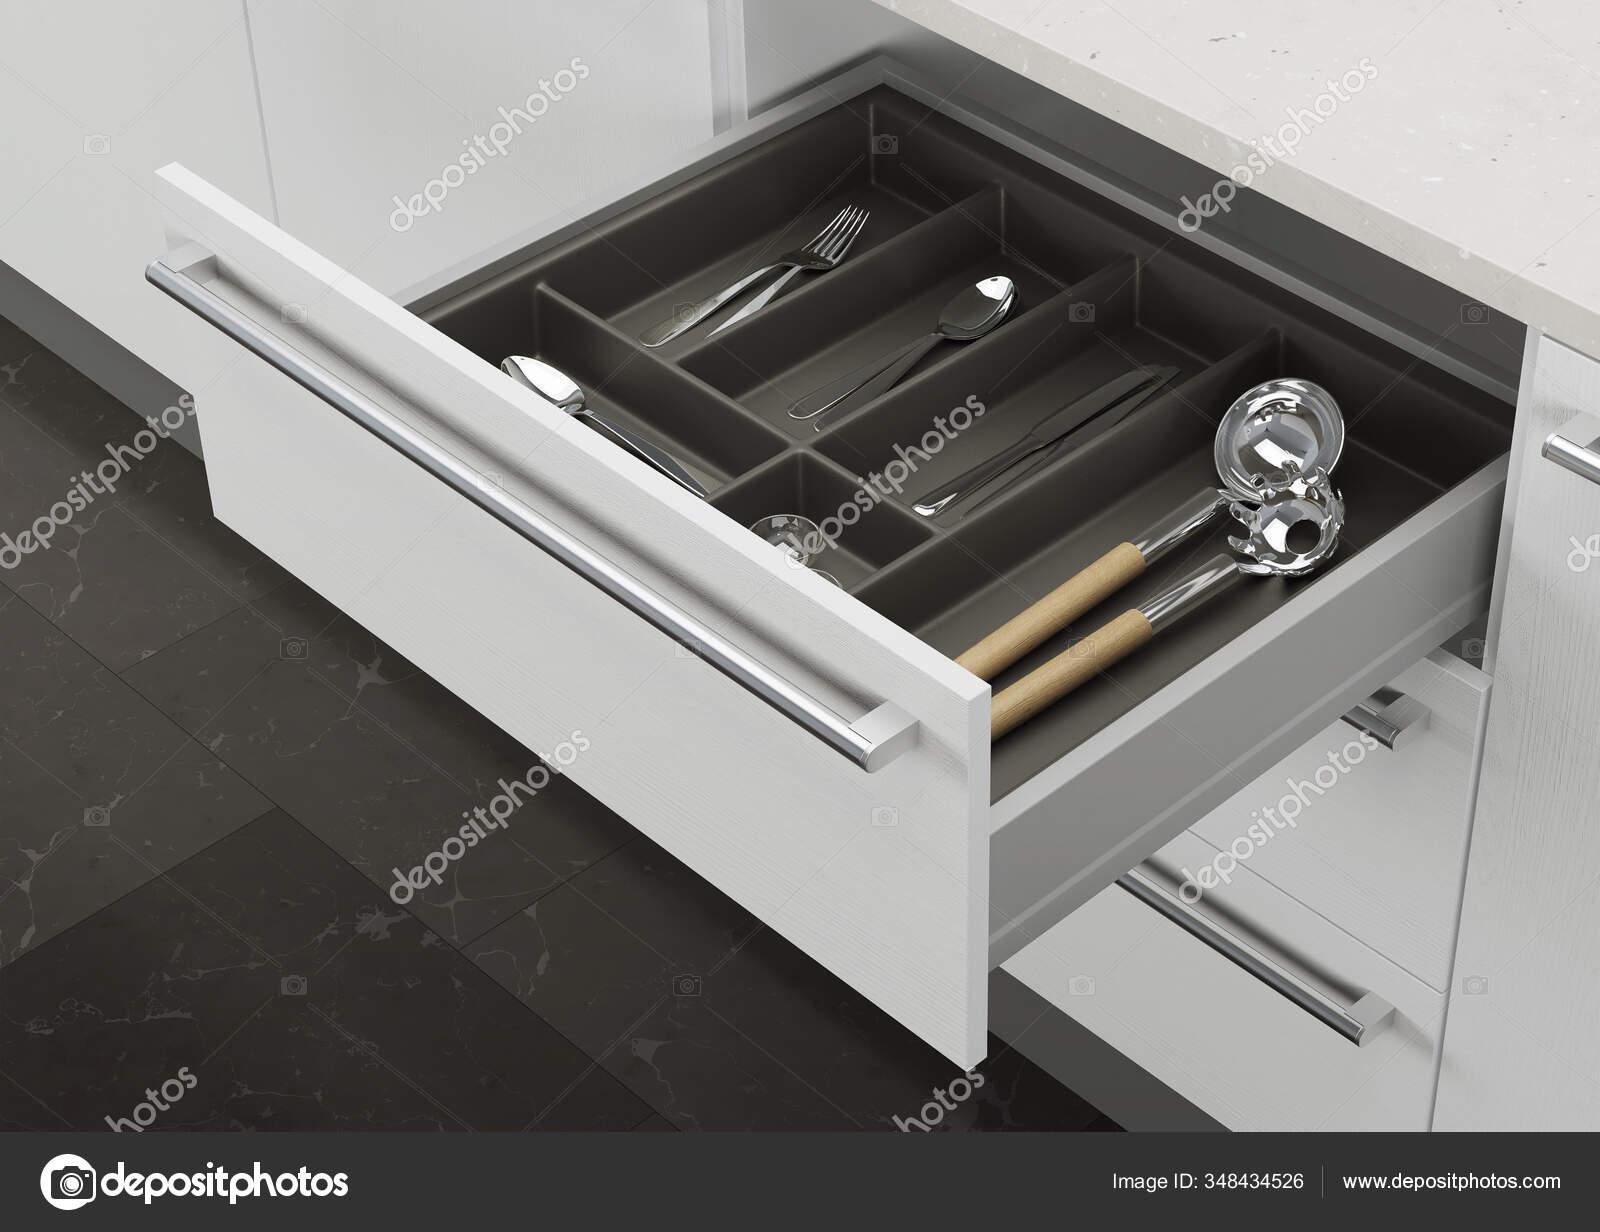 Open Kitchen Drawer Cooking Utensils Storage Organization Kitchen Rendering Stock Photo C Artemp1 348434526